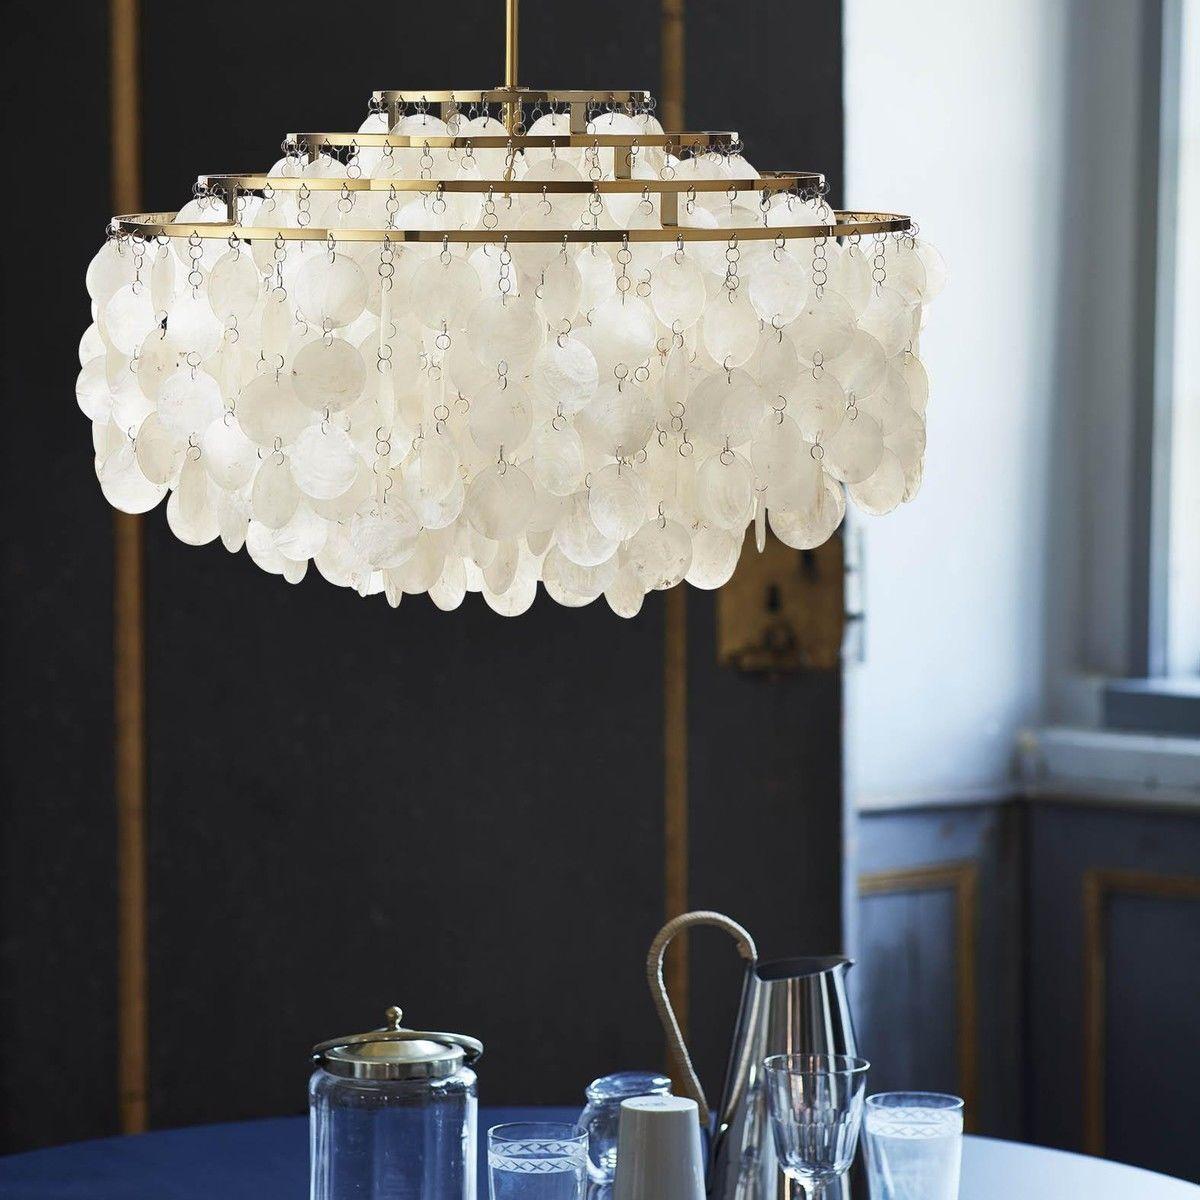 Fun Lamp fun 10dm suspension lamp | verpan | ambientedirect